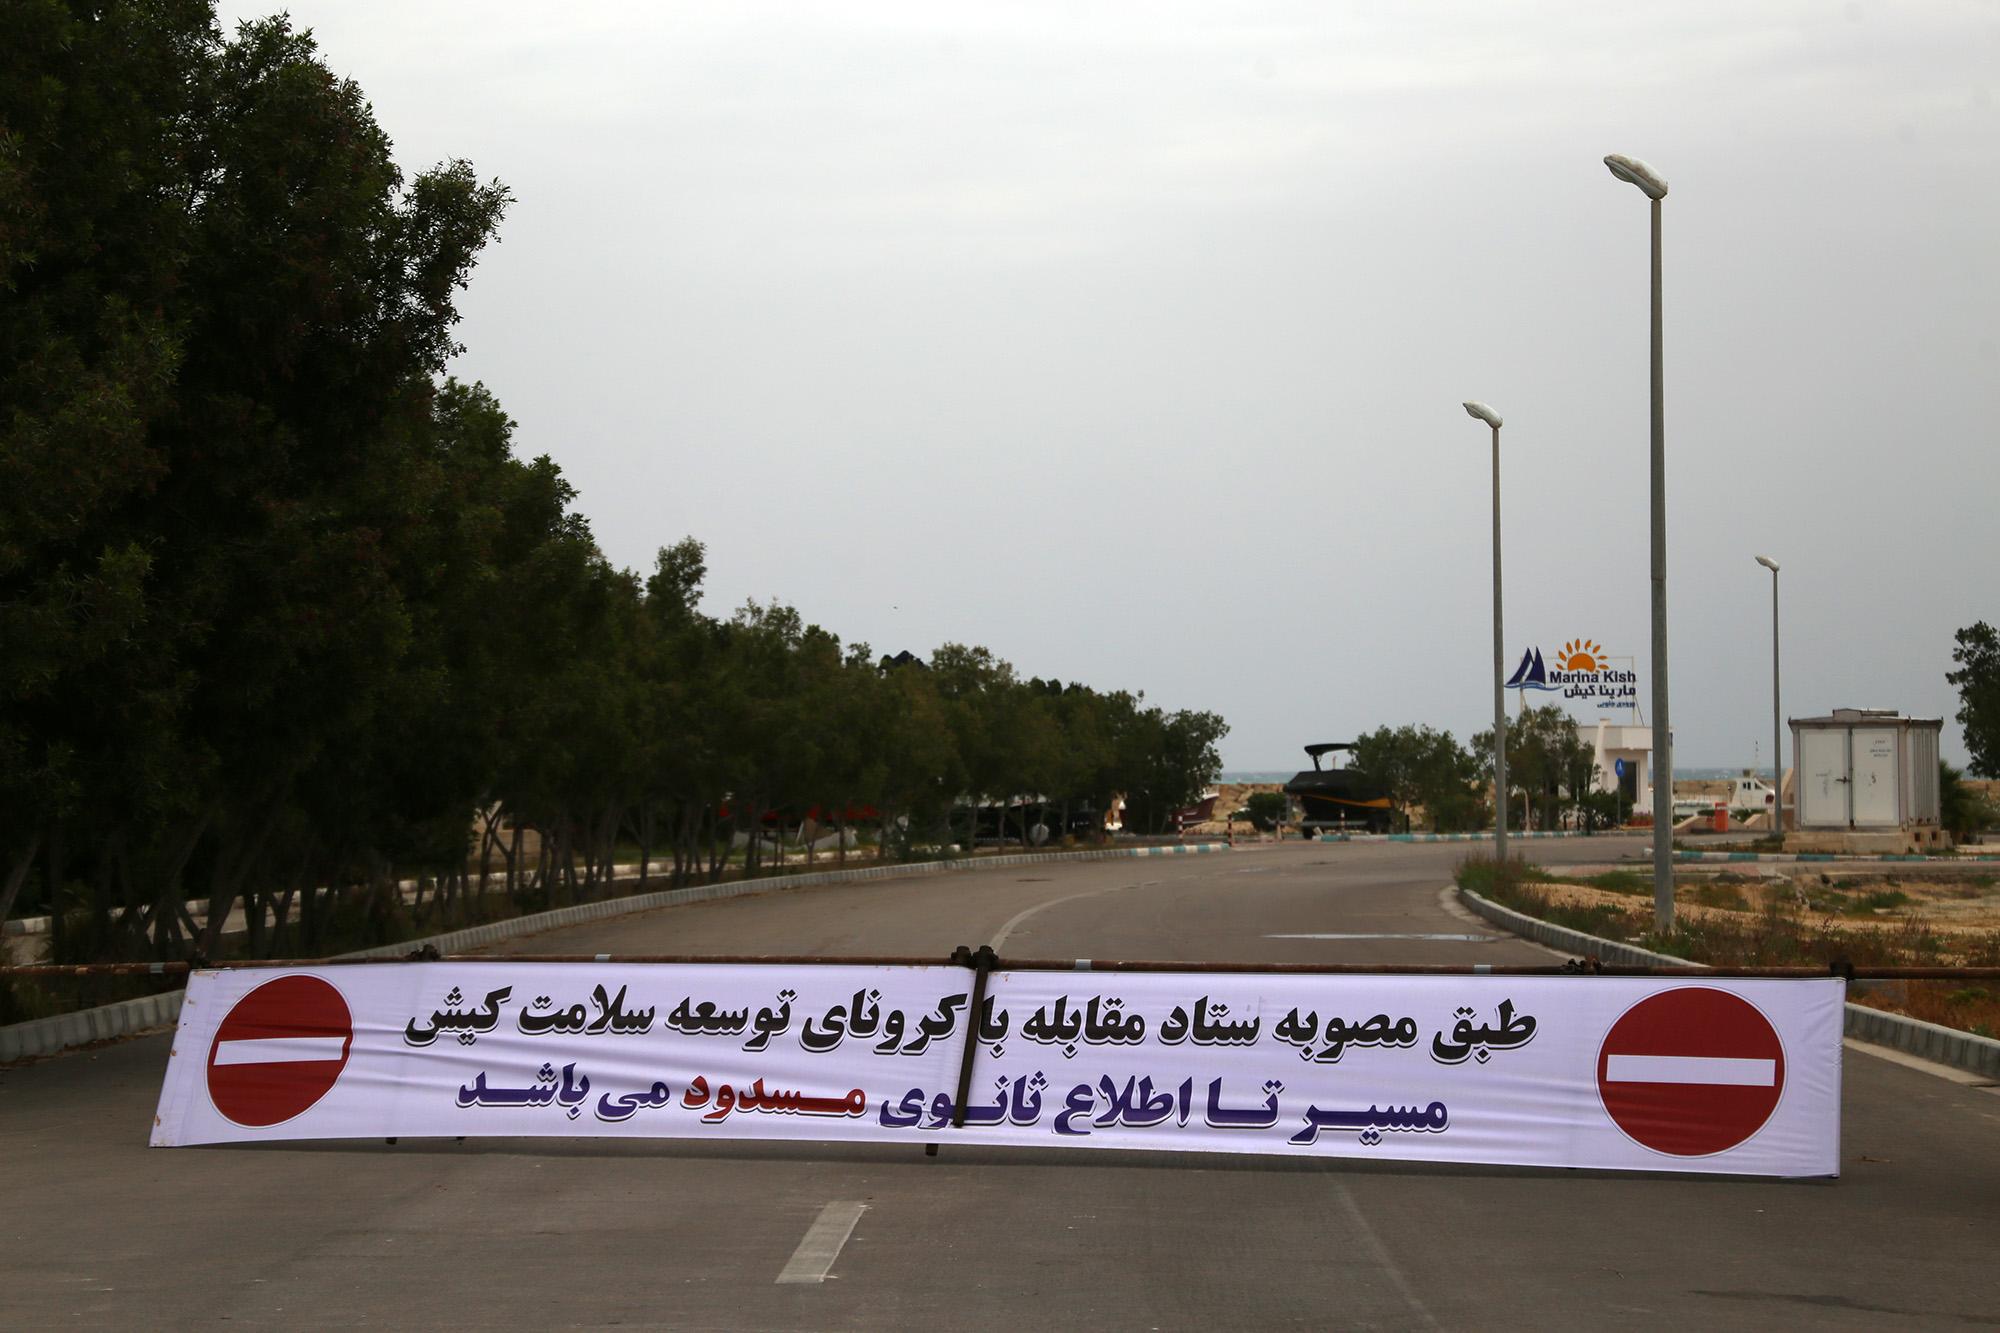 ممنوعیت تردد خودروها در روز ۱۳ فروردین در جزیره کیش